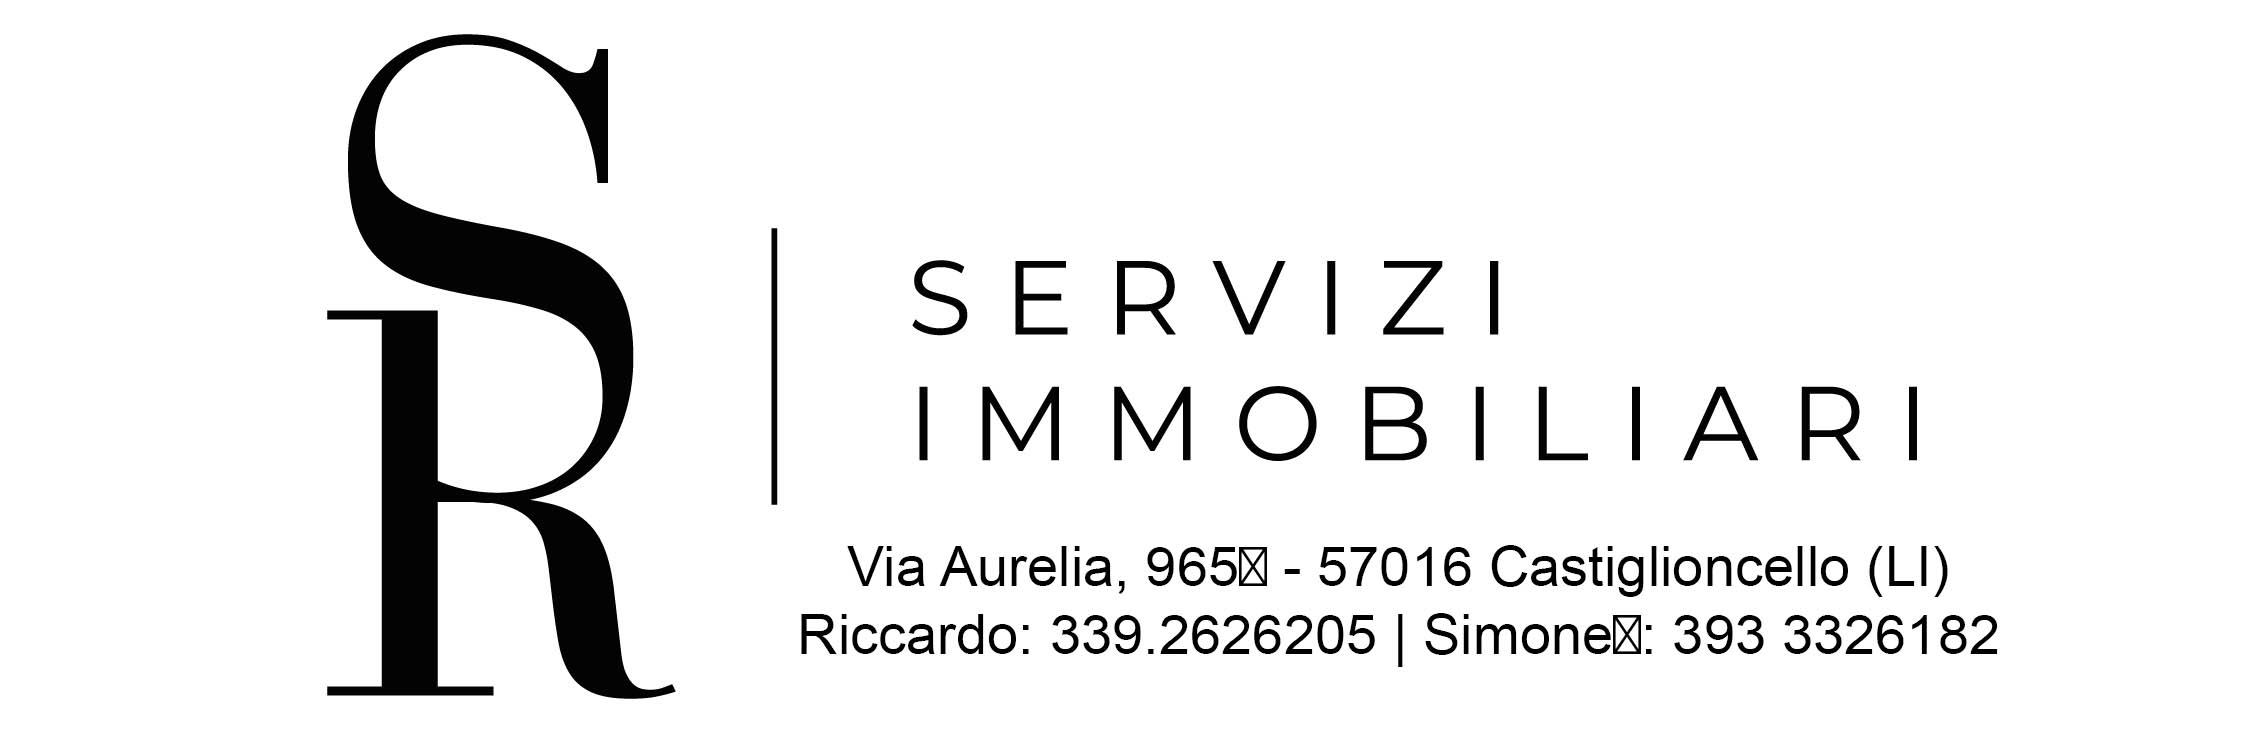 servizi immobiliari 2019